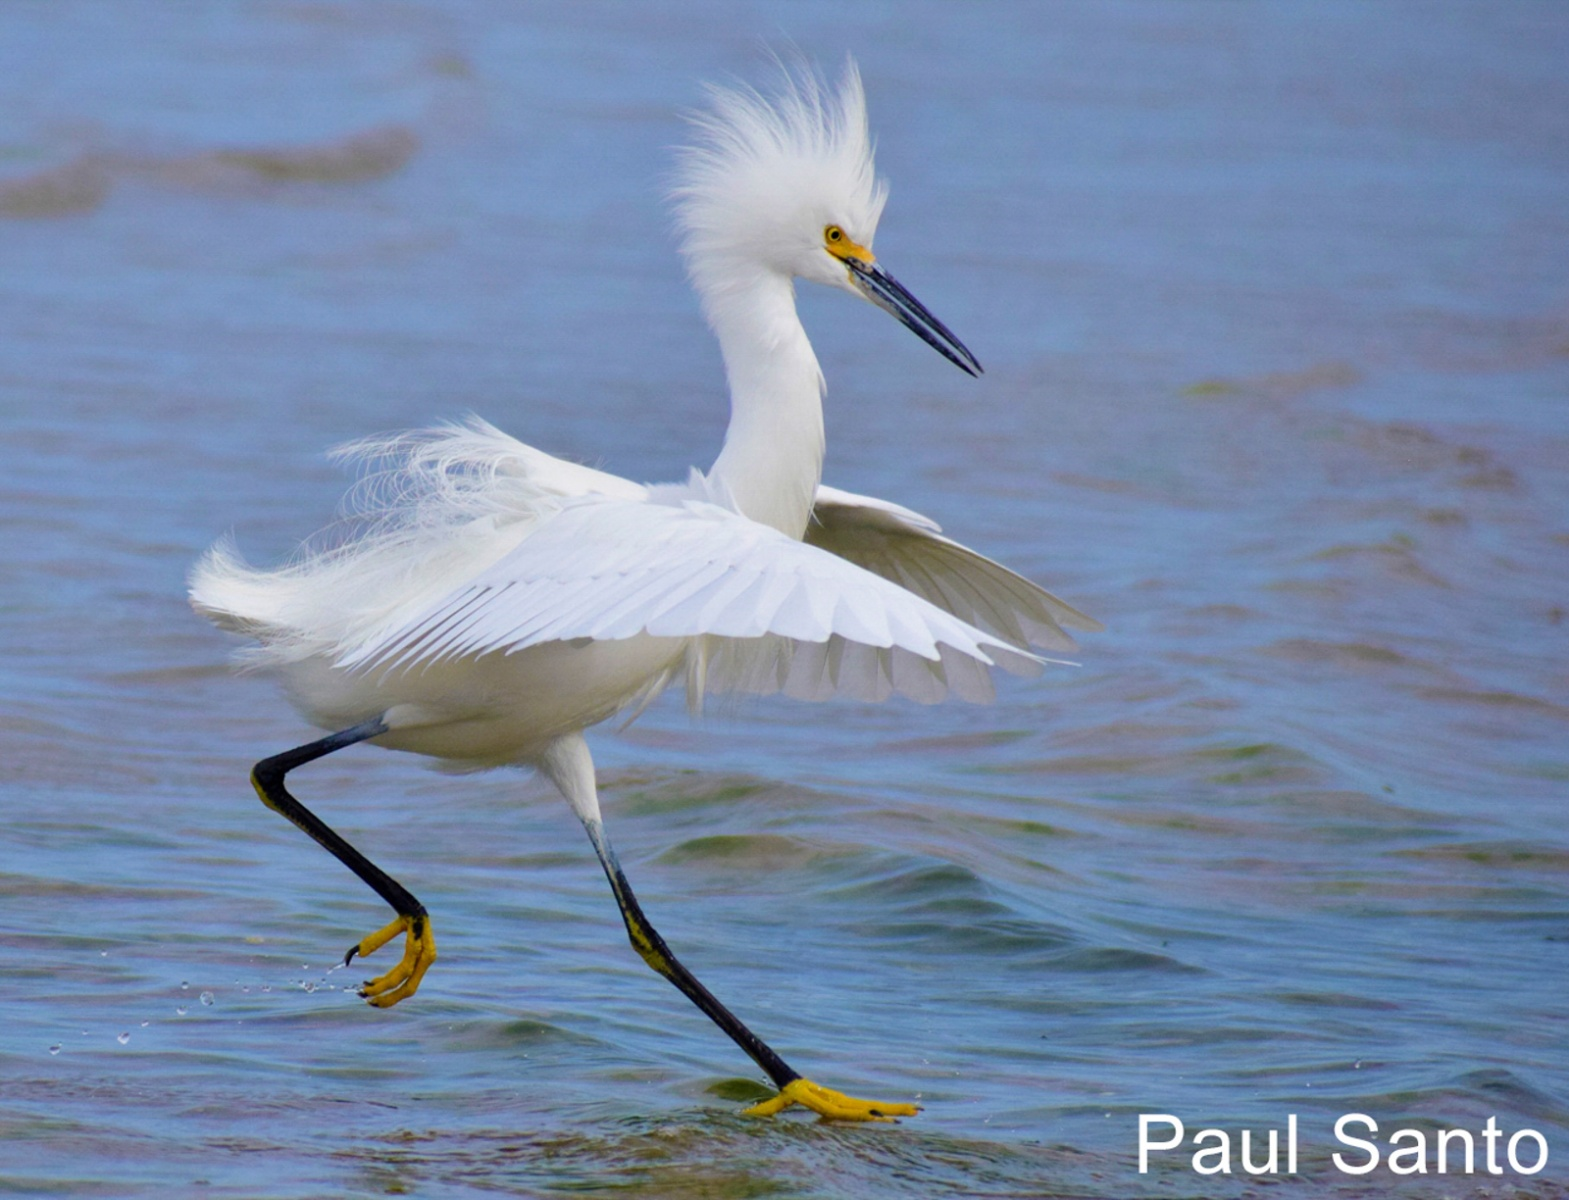 W2-11.Snowy-Egret-Walking-On-Water